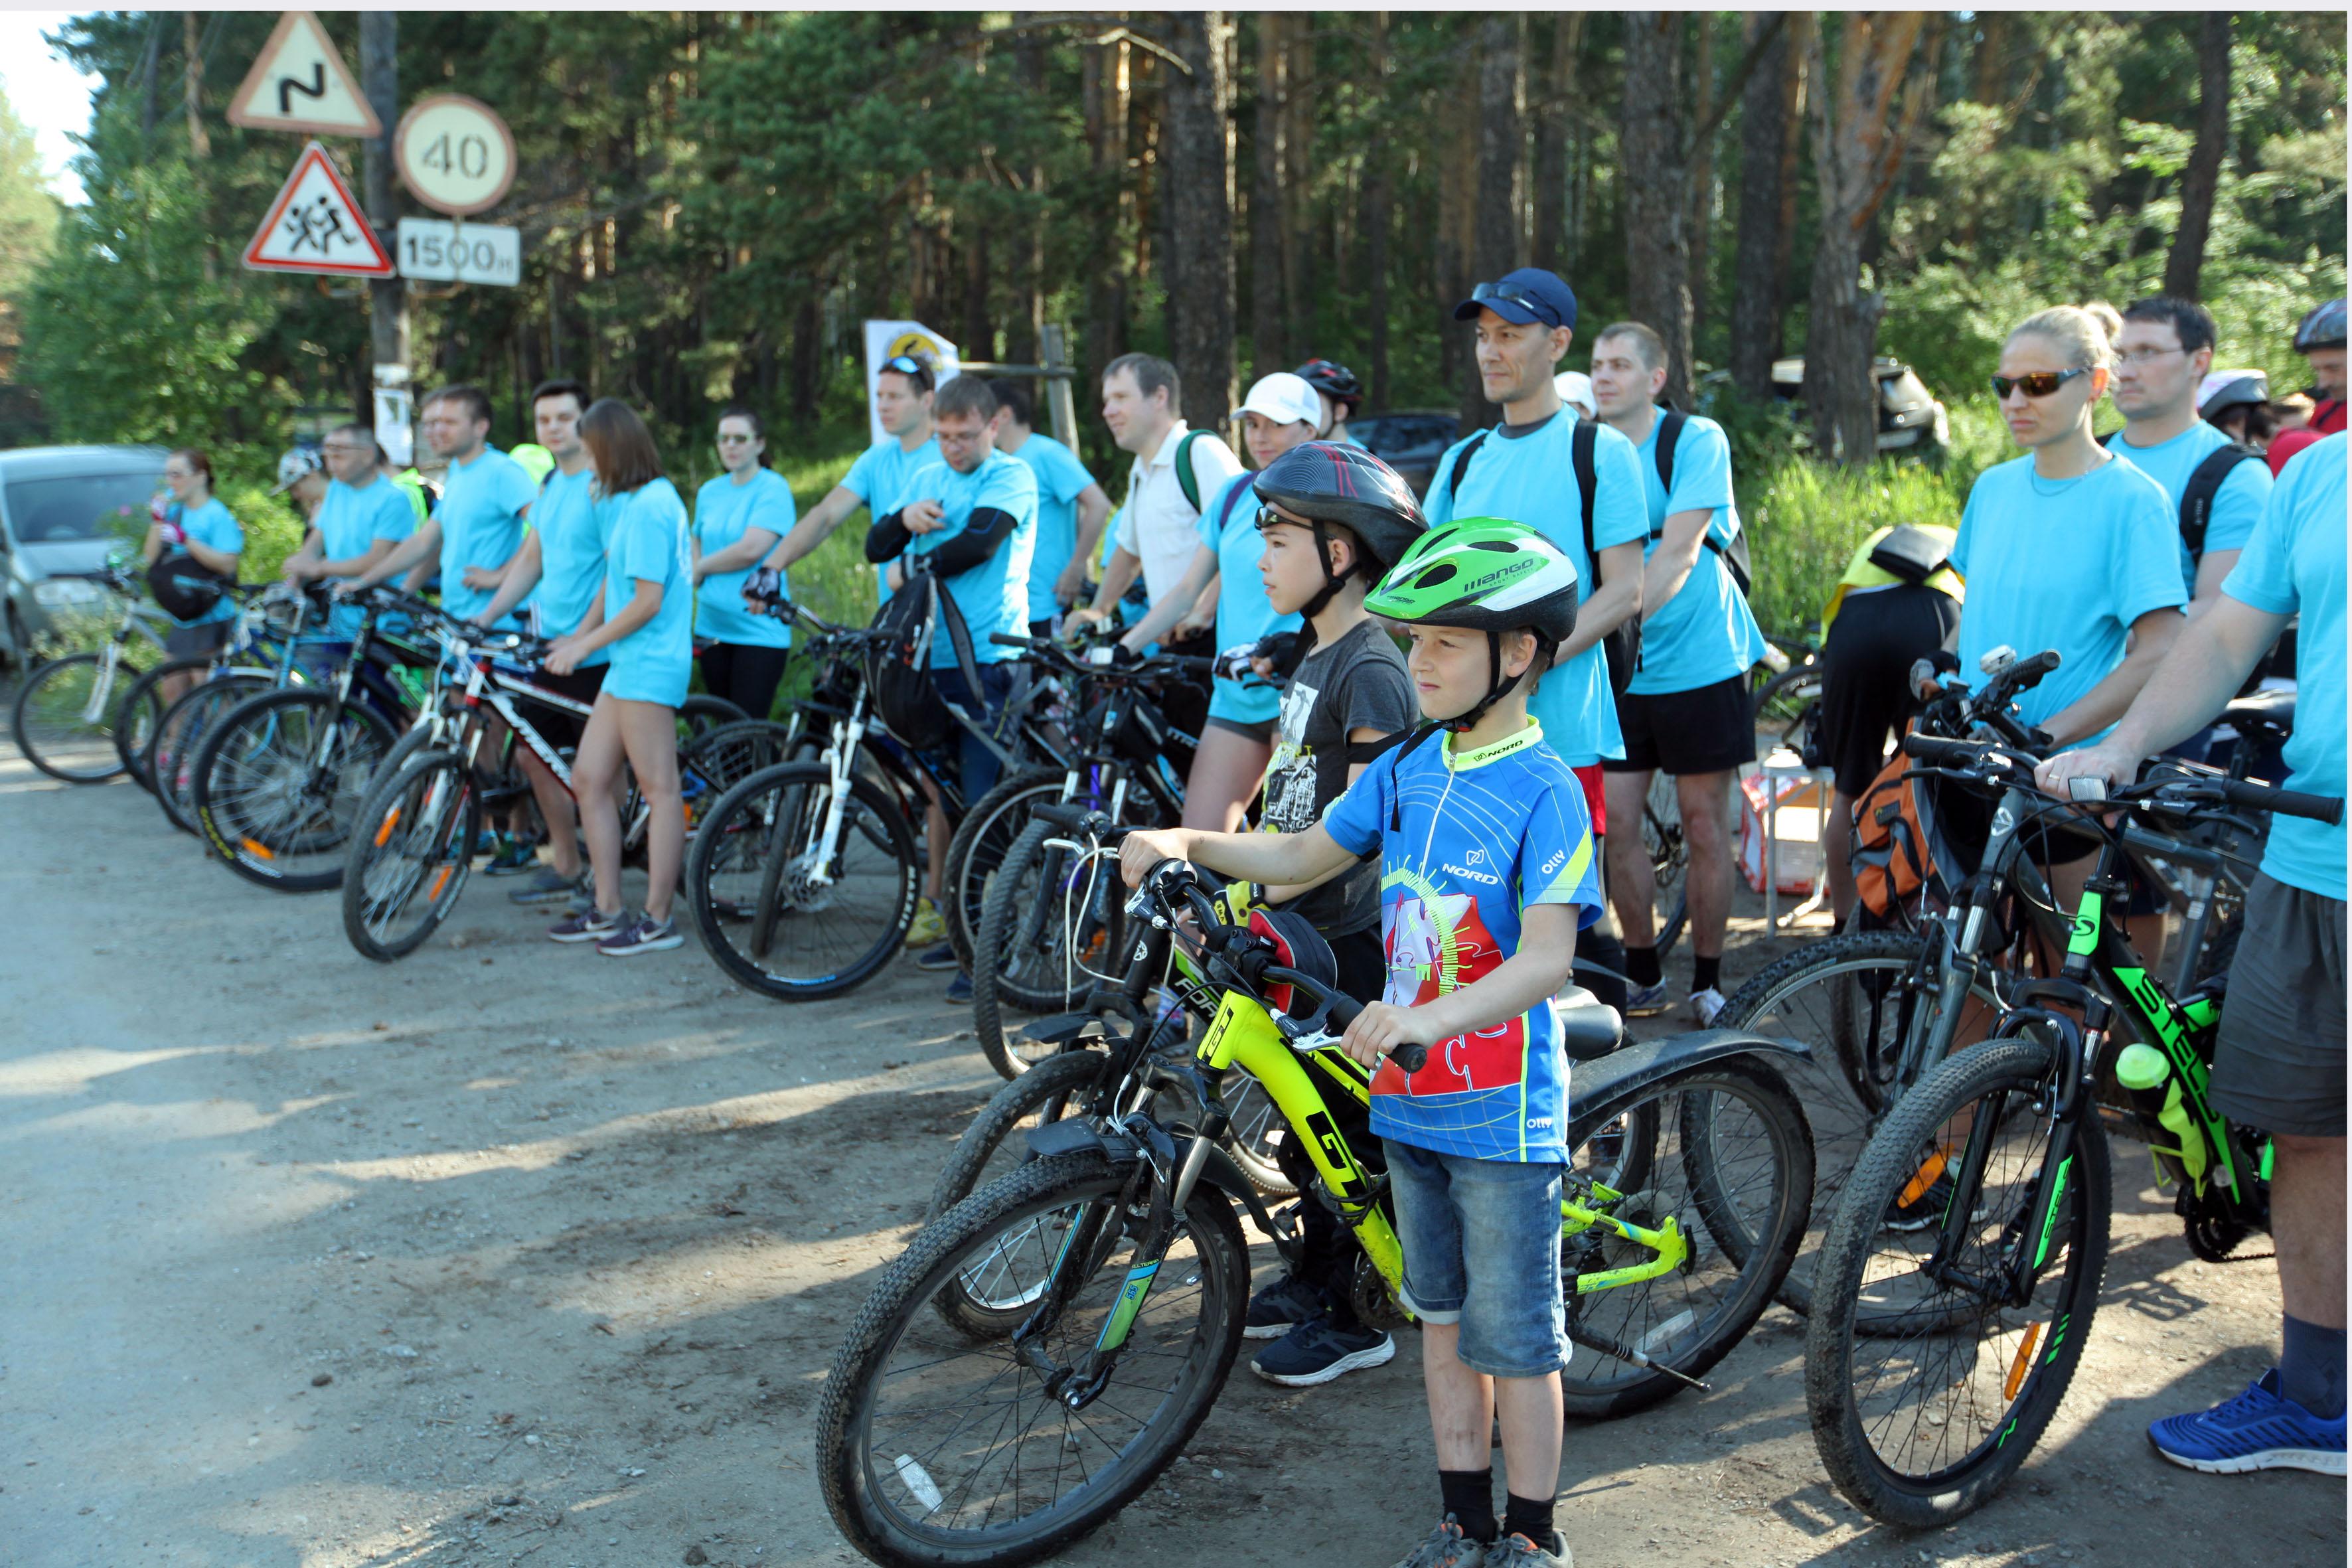 Ежегодный велопробег вокруг озера Тургояк состоялся в рамках Спартакиады ГРЦ-2018 первого июля в